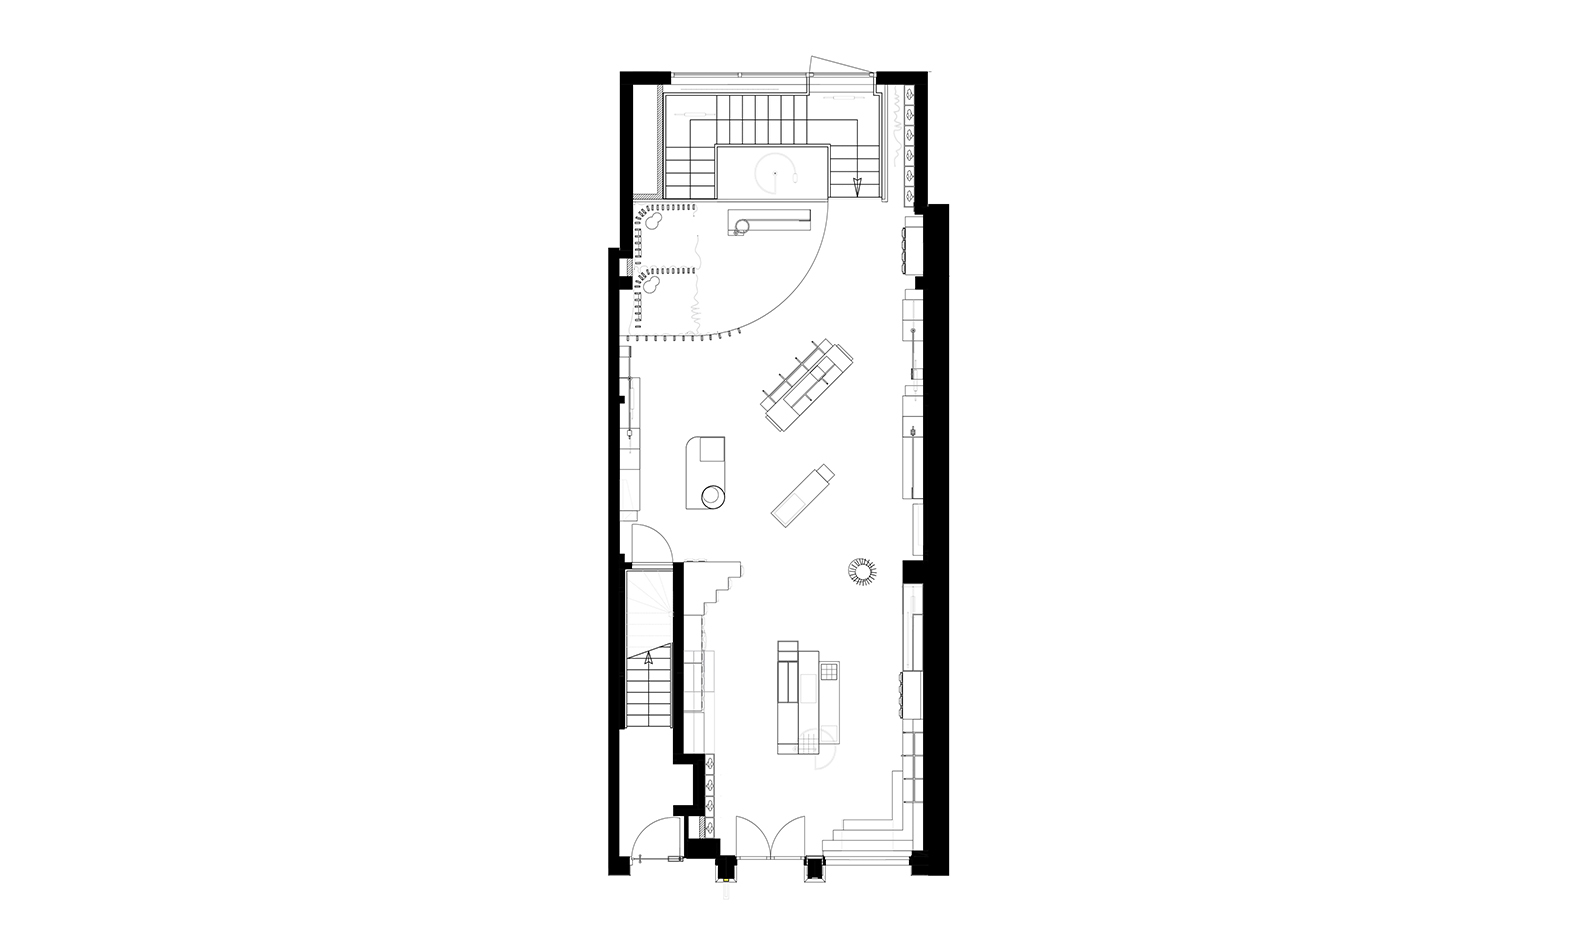 WOLFORD_AMSTERDAM_floor plan.jpg